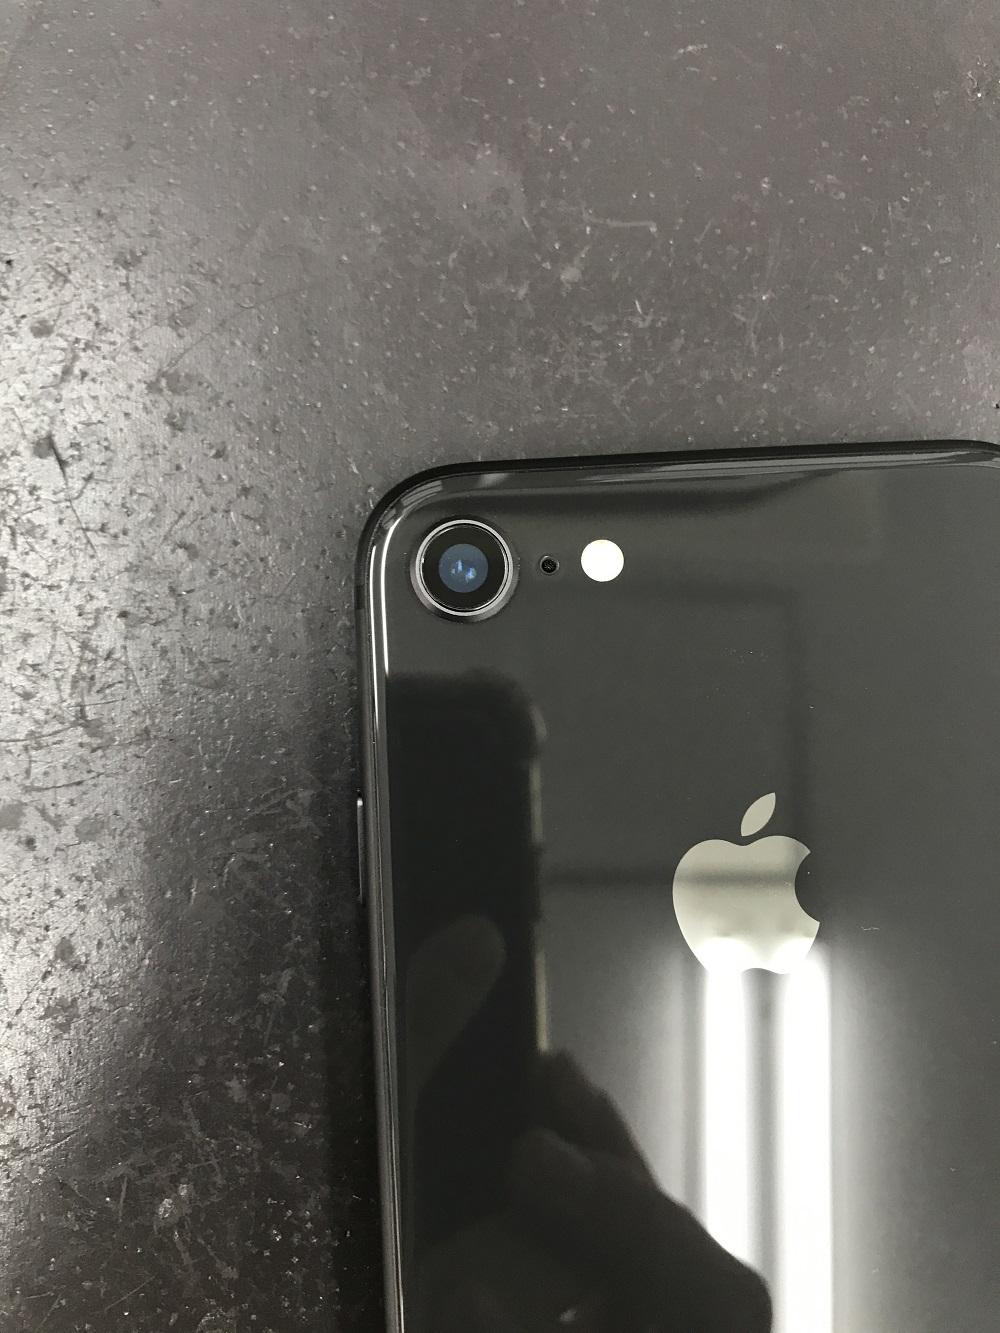 アイフォン8アウトカメラカバーガラス修理 修理後2